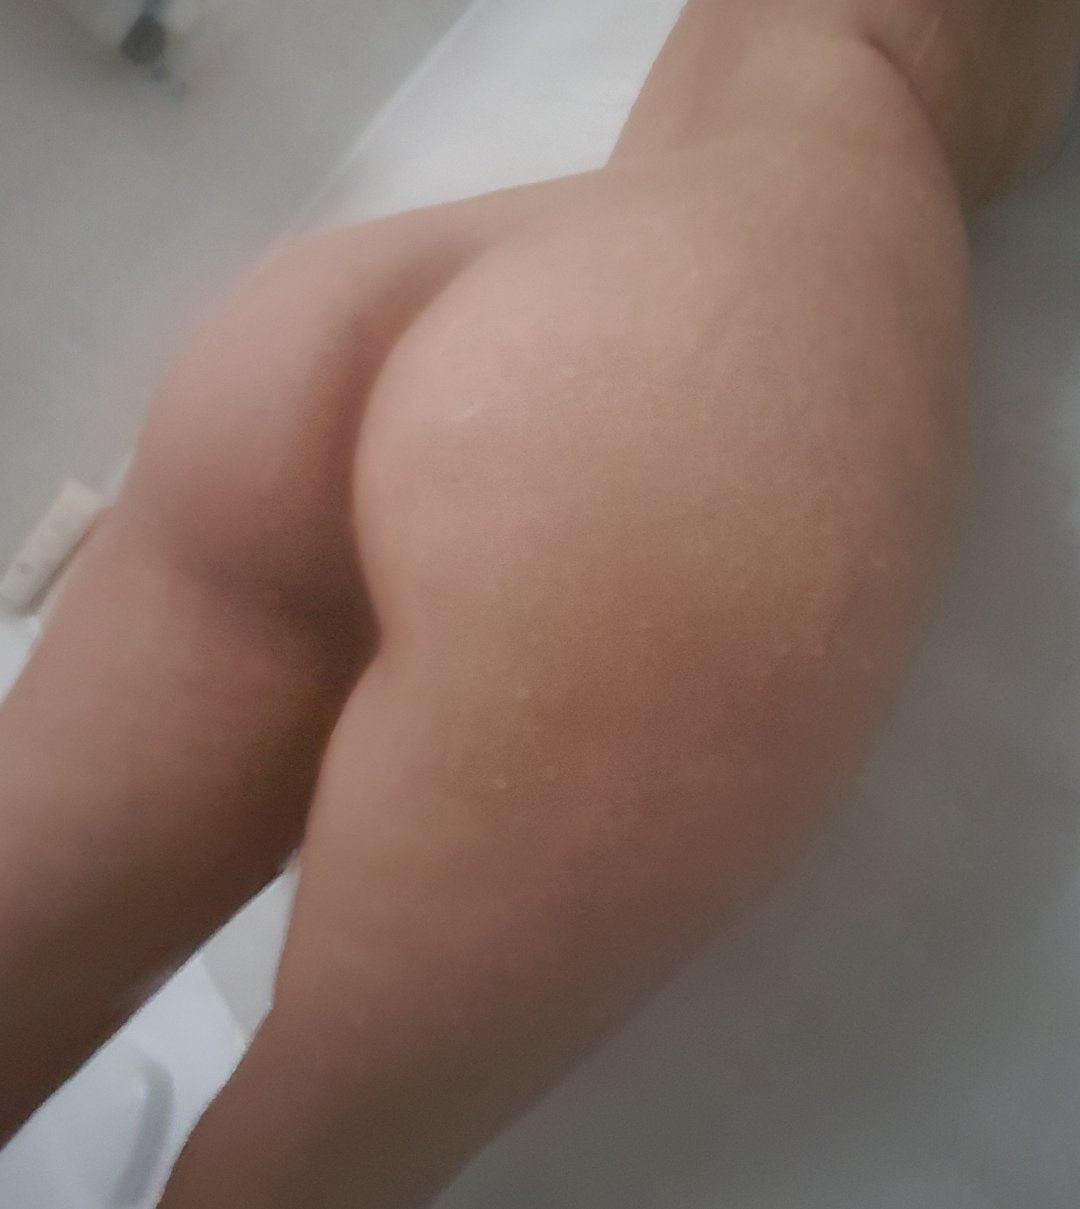 Itsaka Nude Photos Leaked! 0034